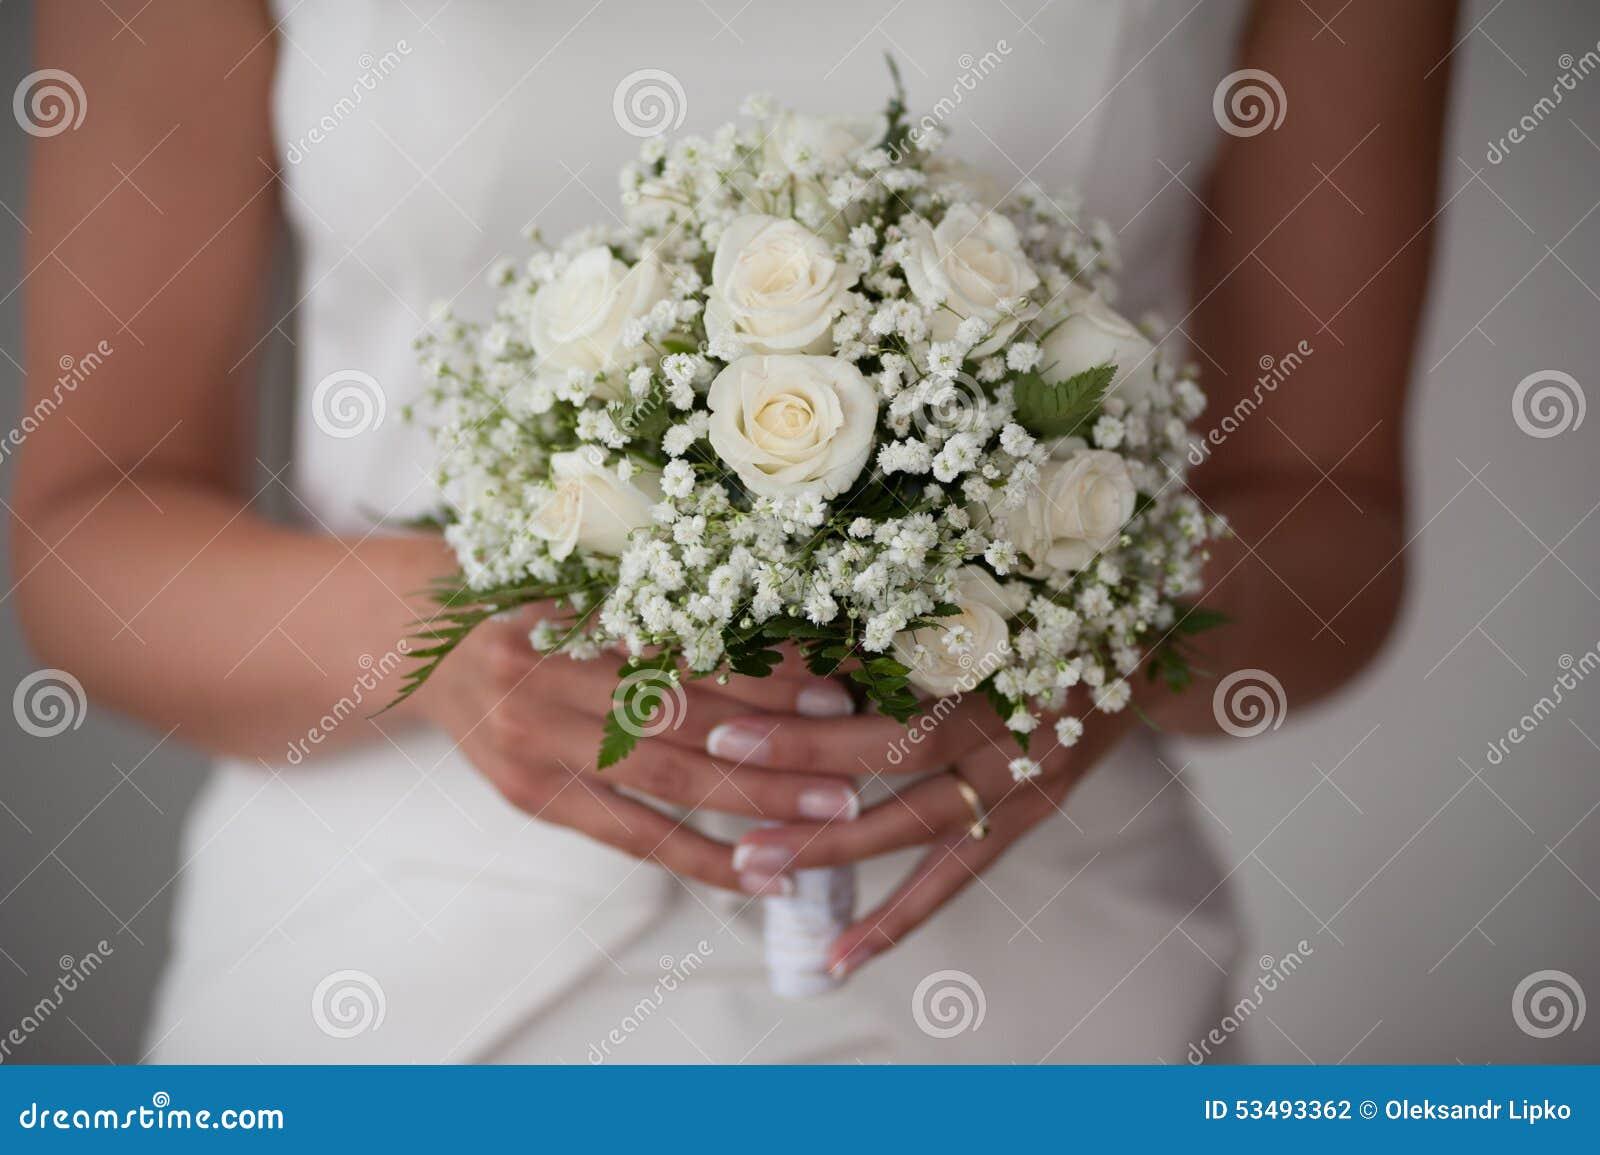 la jeune fille-jeune mariée ou demoiselle d'honneur tient un bouquet